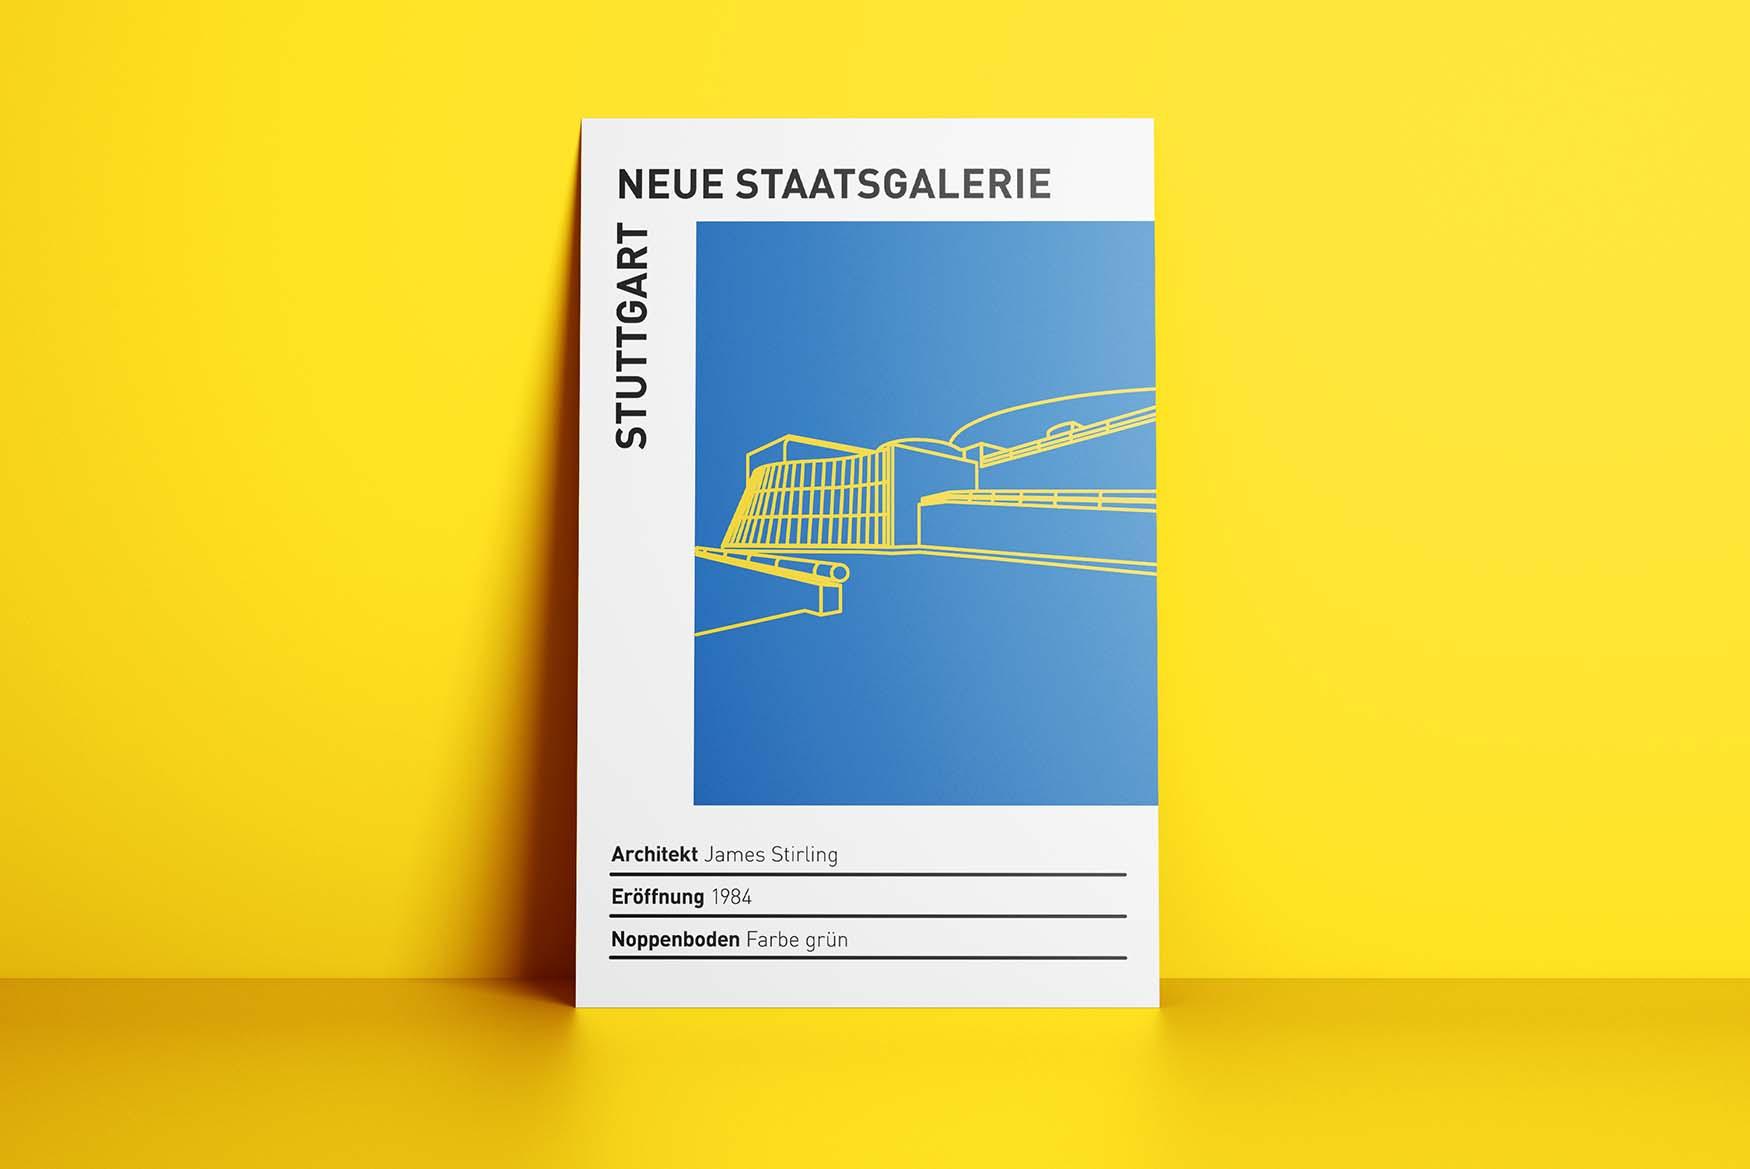 Kreativbetrieb-Designagentur-Architektur-Stuttgart-7